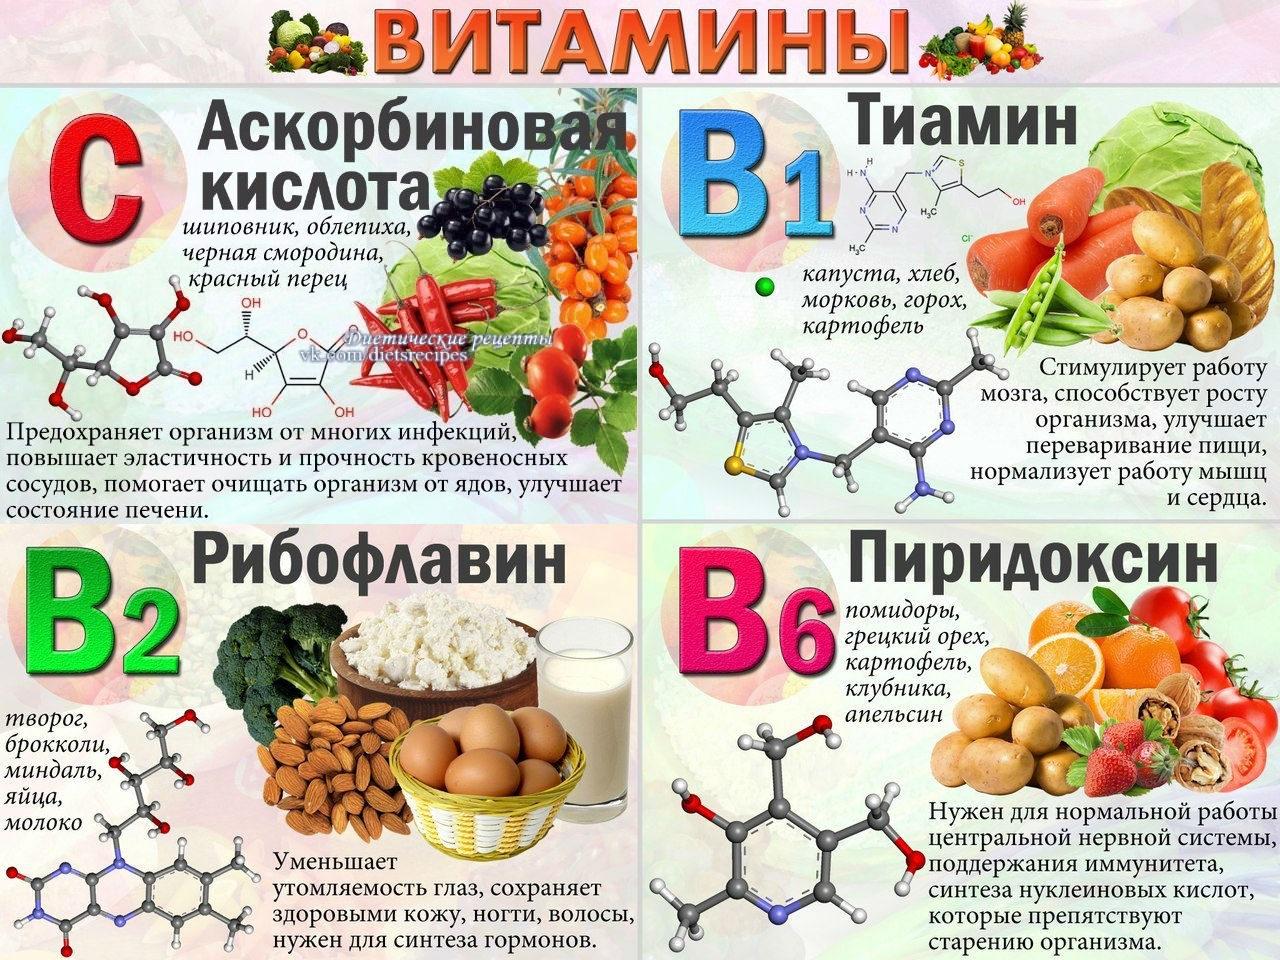 Витамины, полезные для зрения